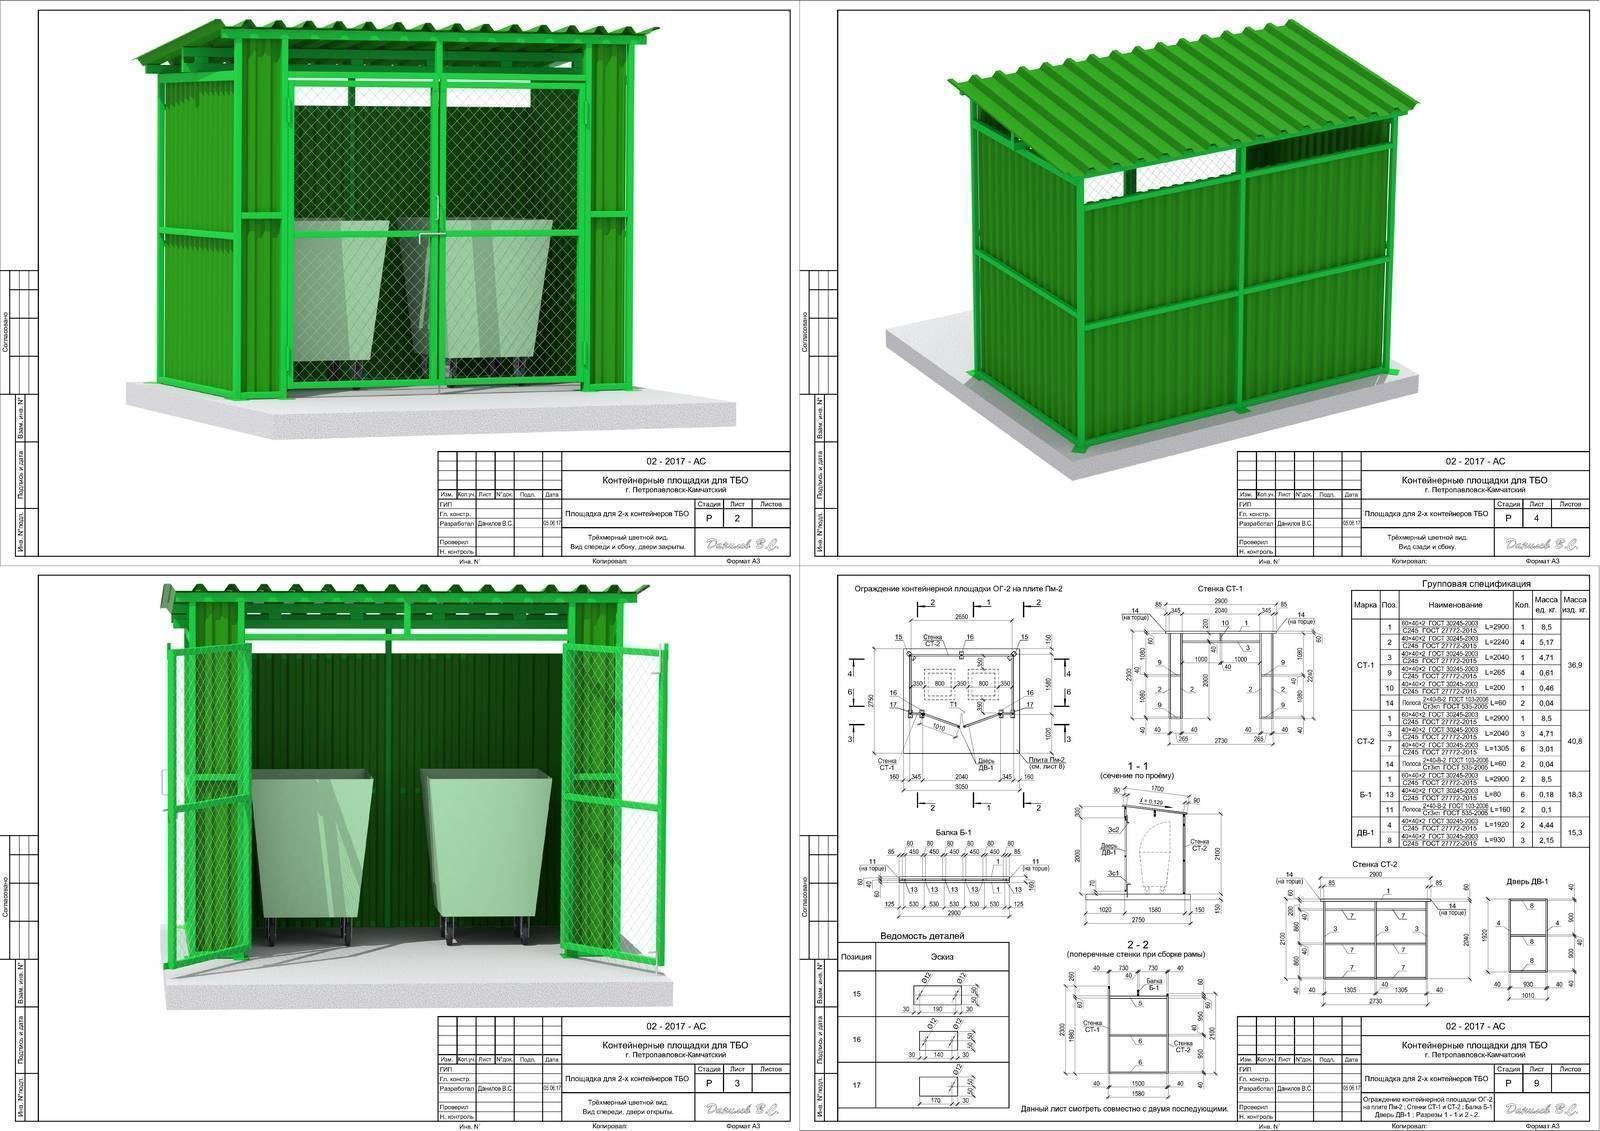 Санитарные нормы для установки мусорных контейнеров